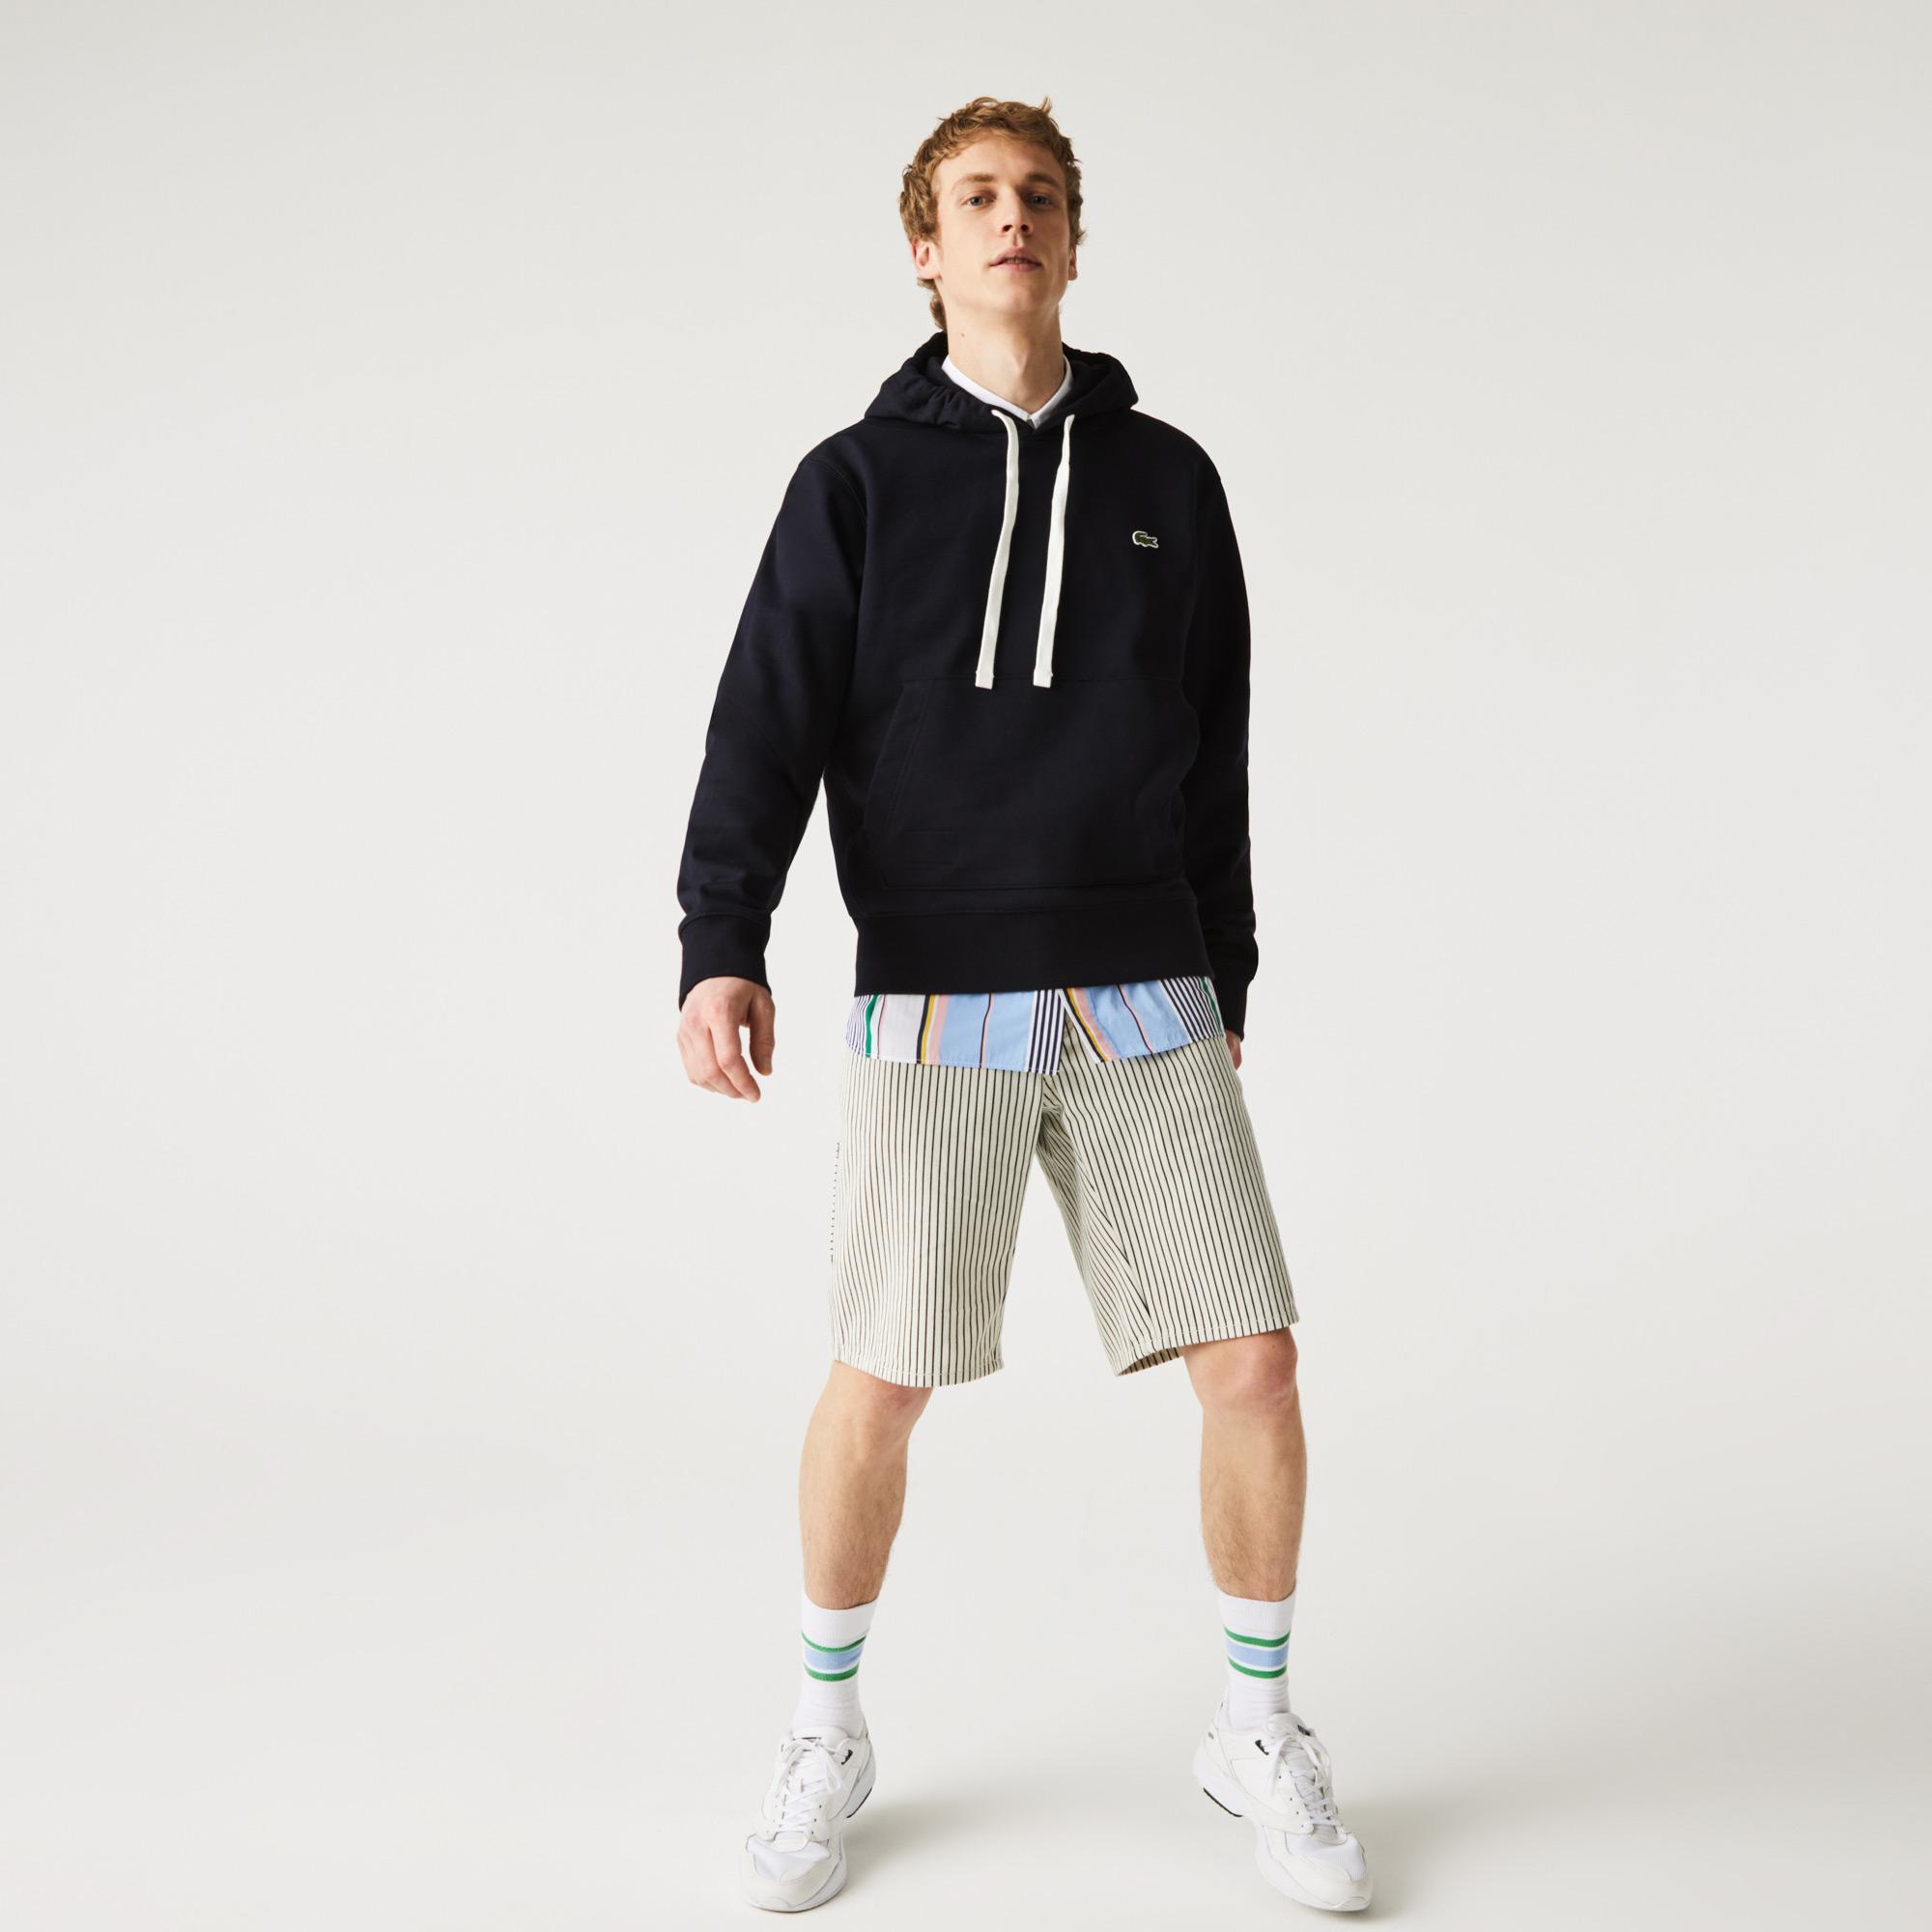 Lacoste Unisex Hooded Organic Cotton Fleece Sweatshirt